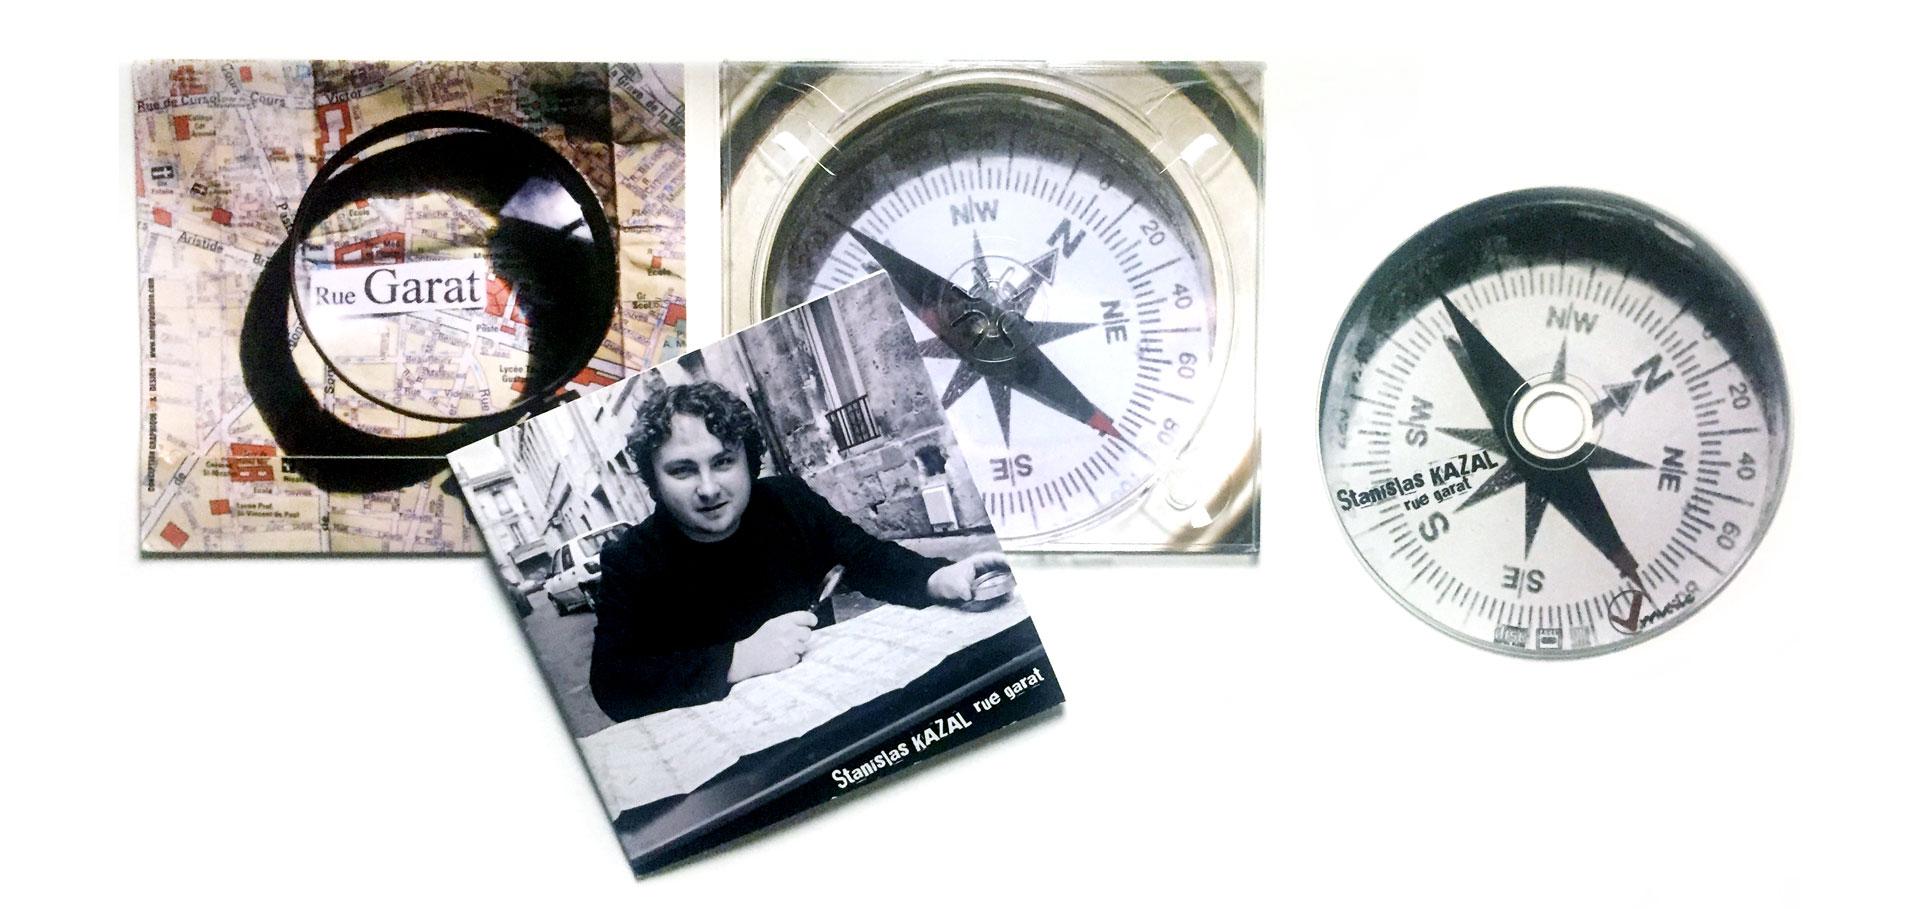 """V-Music, digipack """"rue Garat"""" de Stanislas Kazal"""